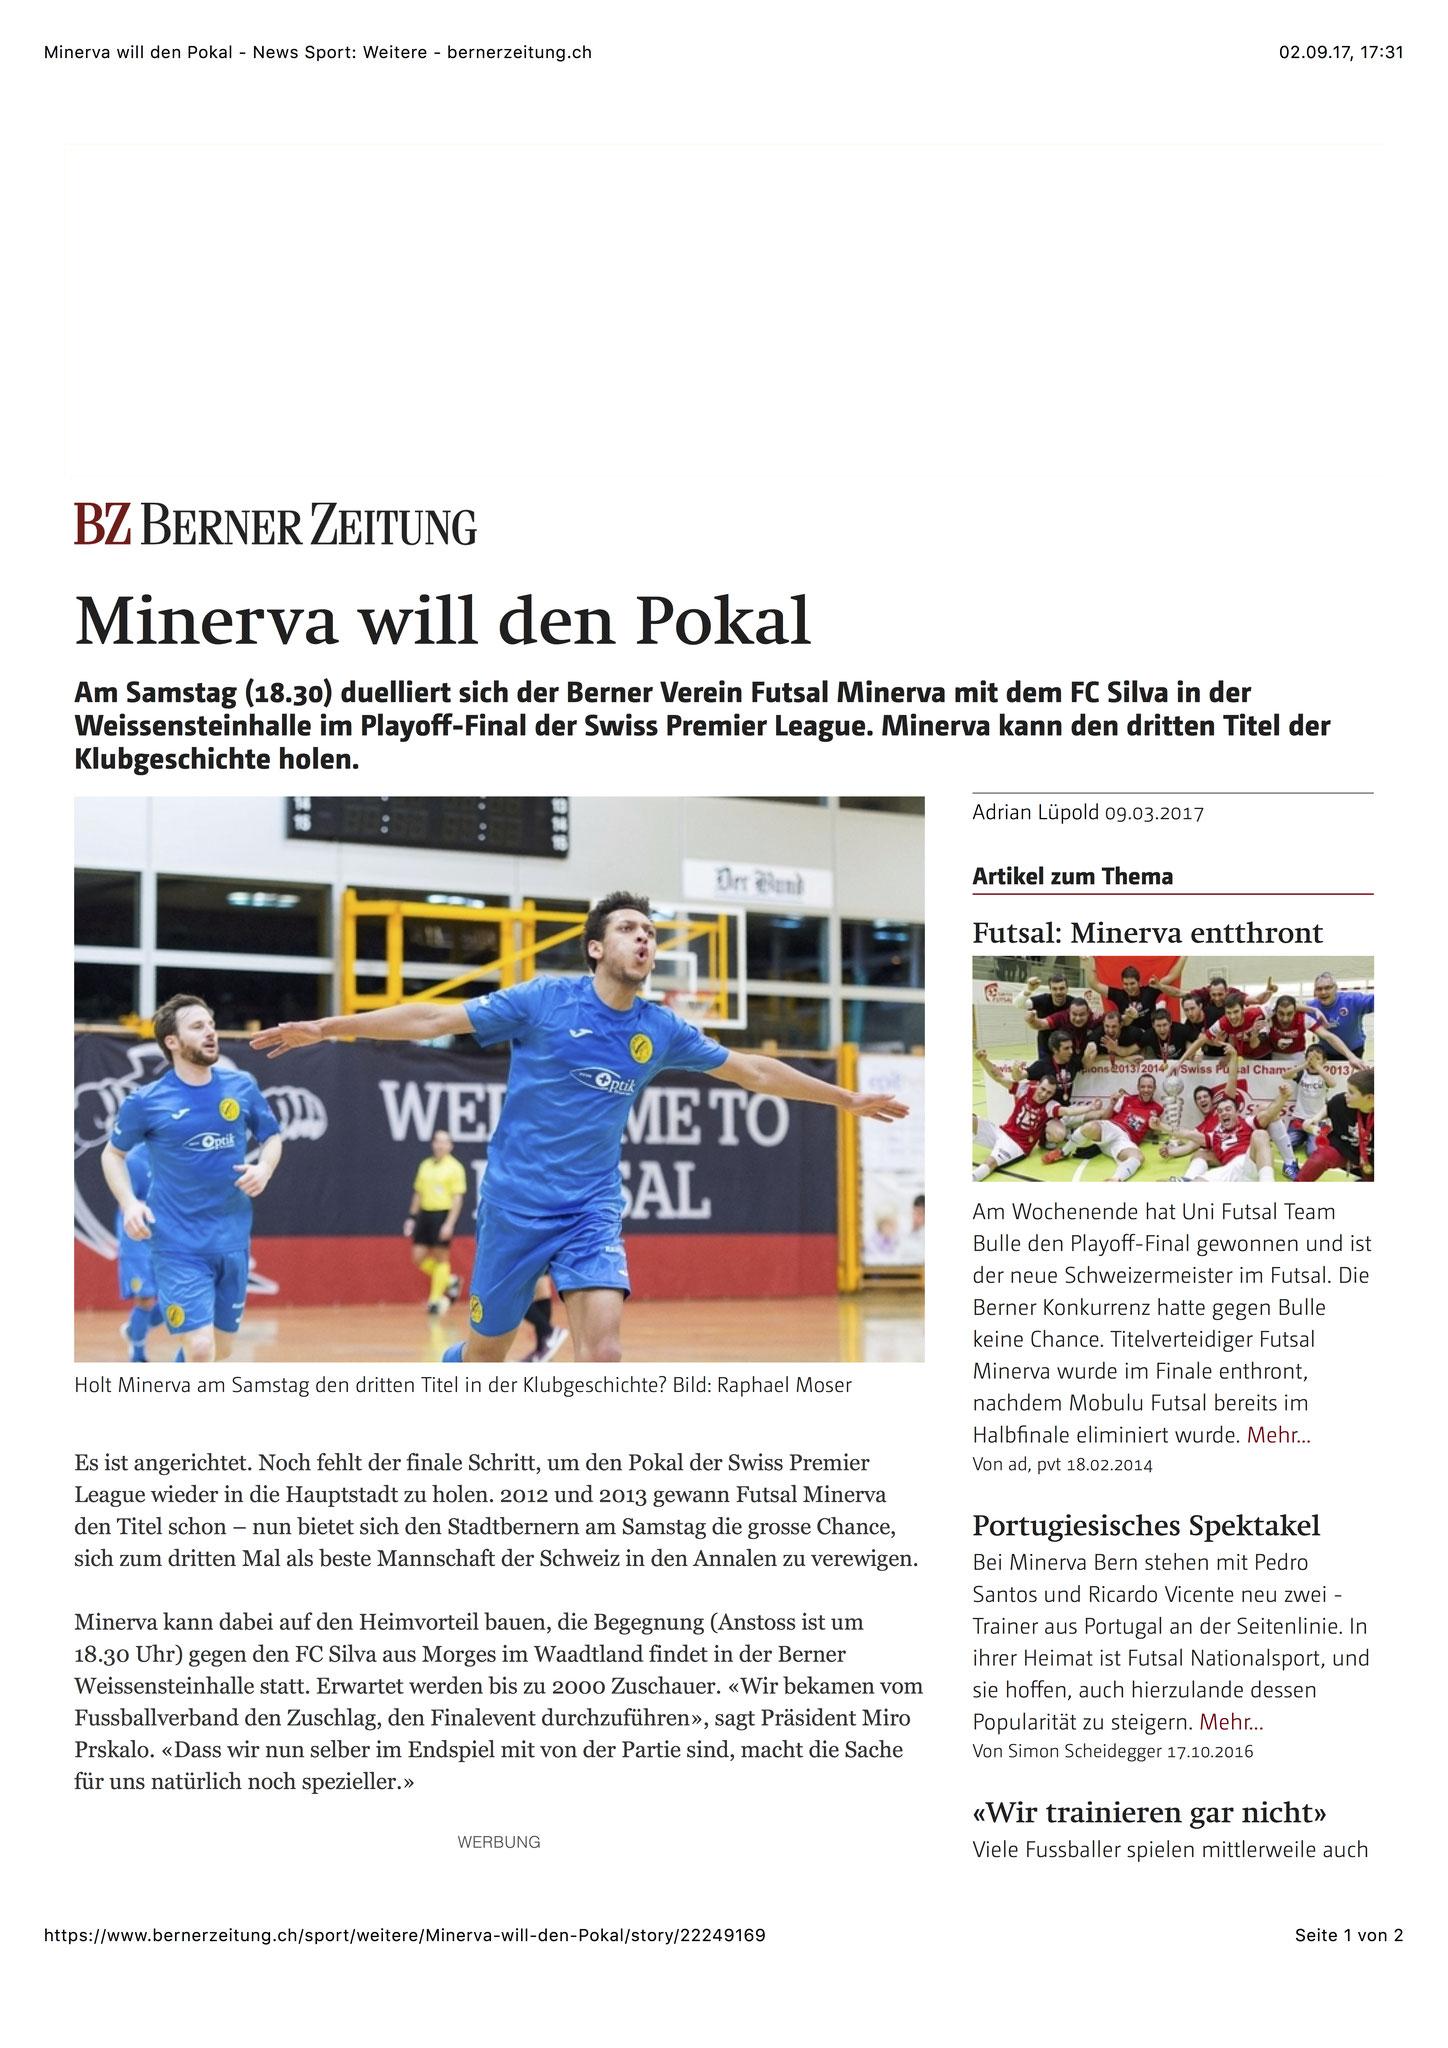 Berner Zeitung BZ - 09. März 2017 - S. 1